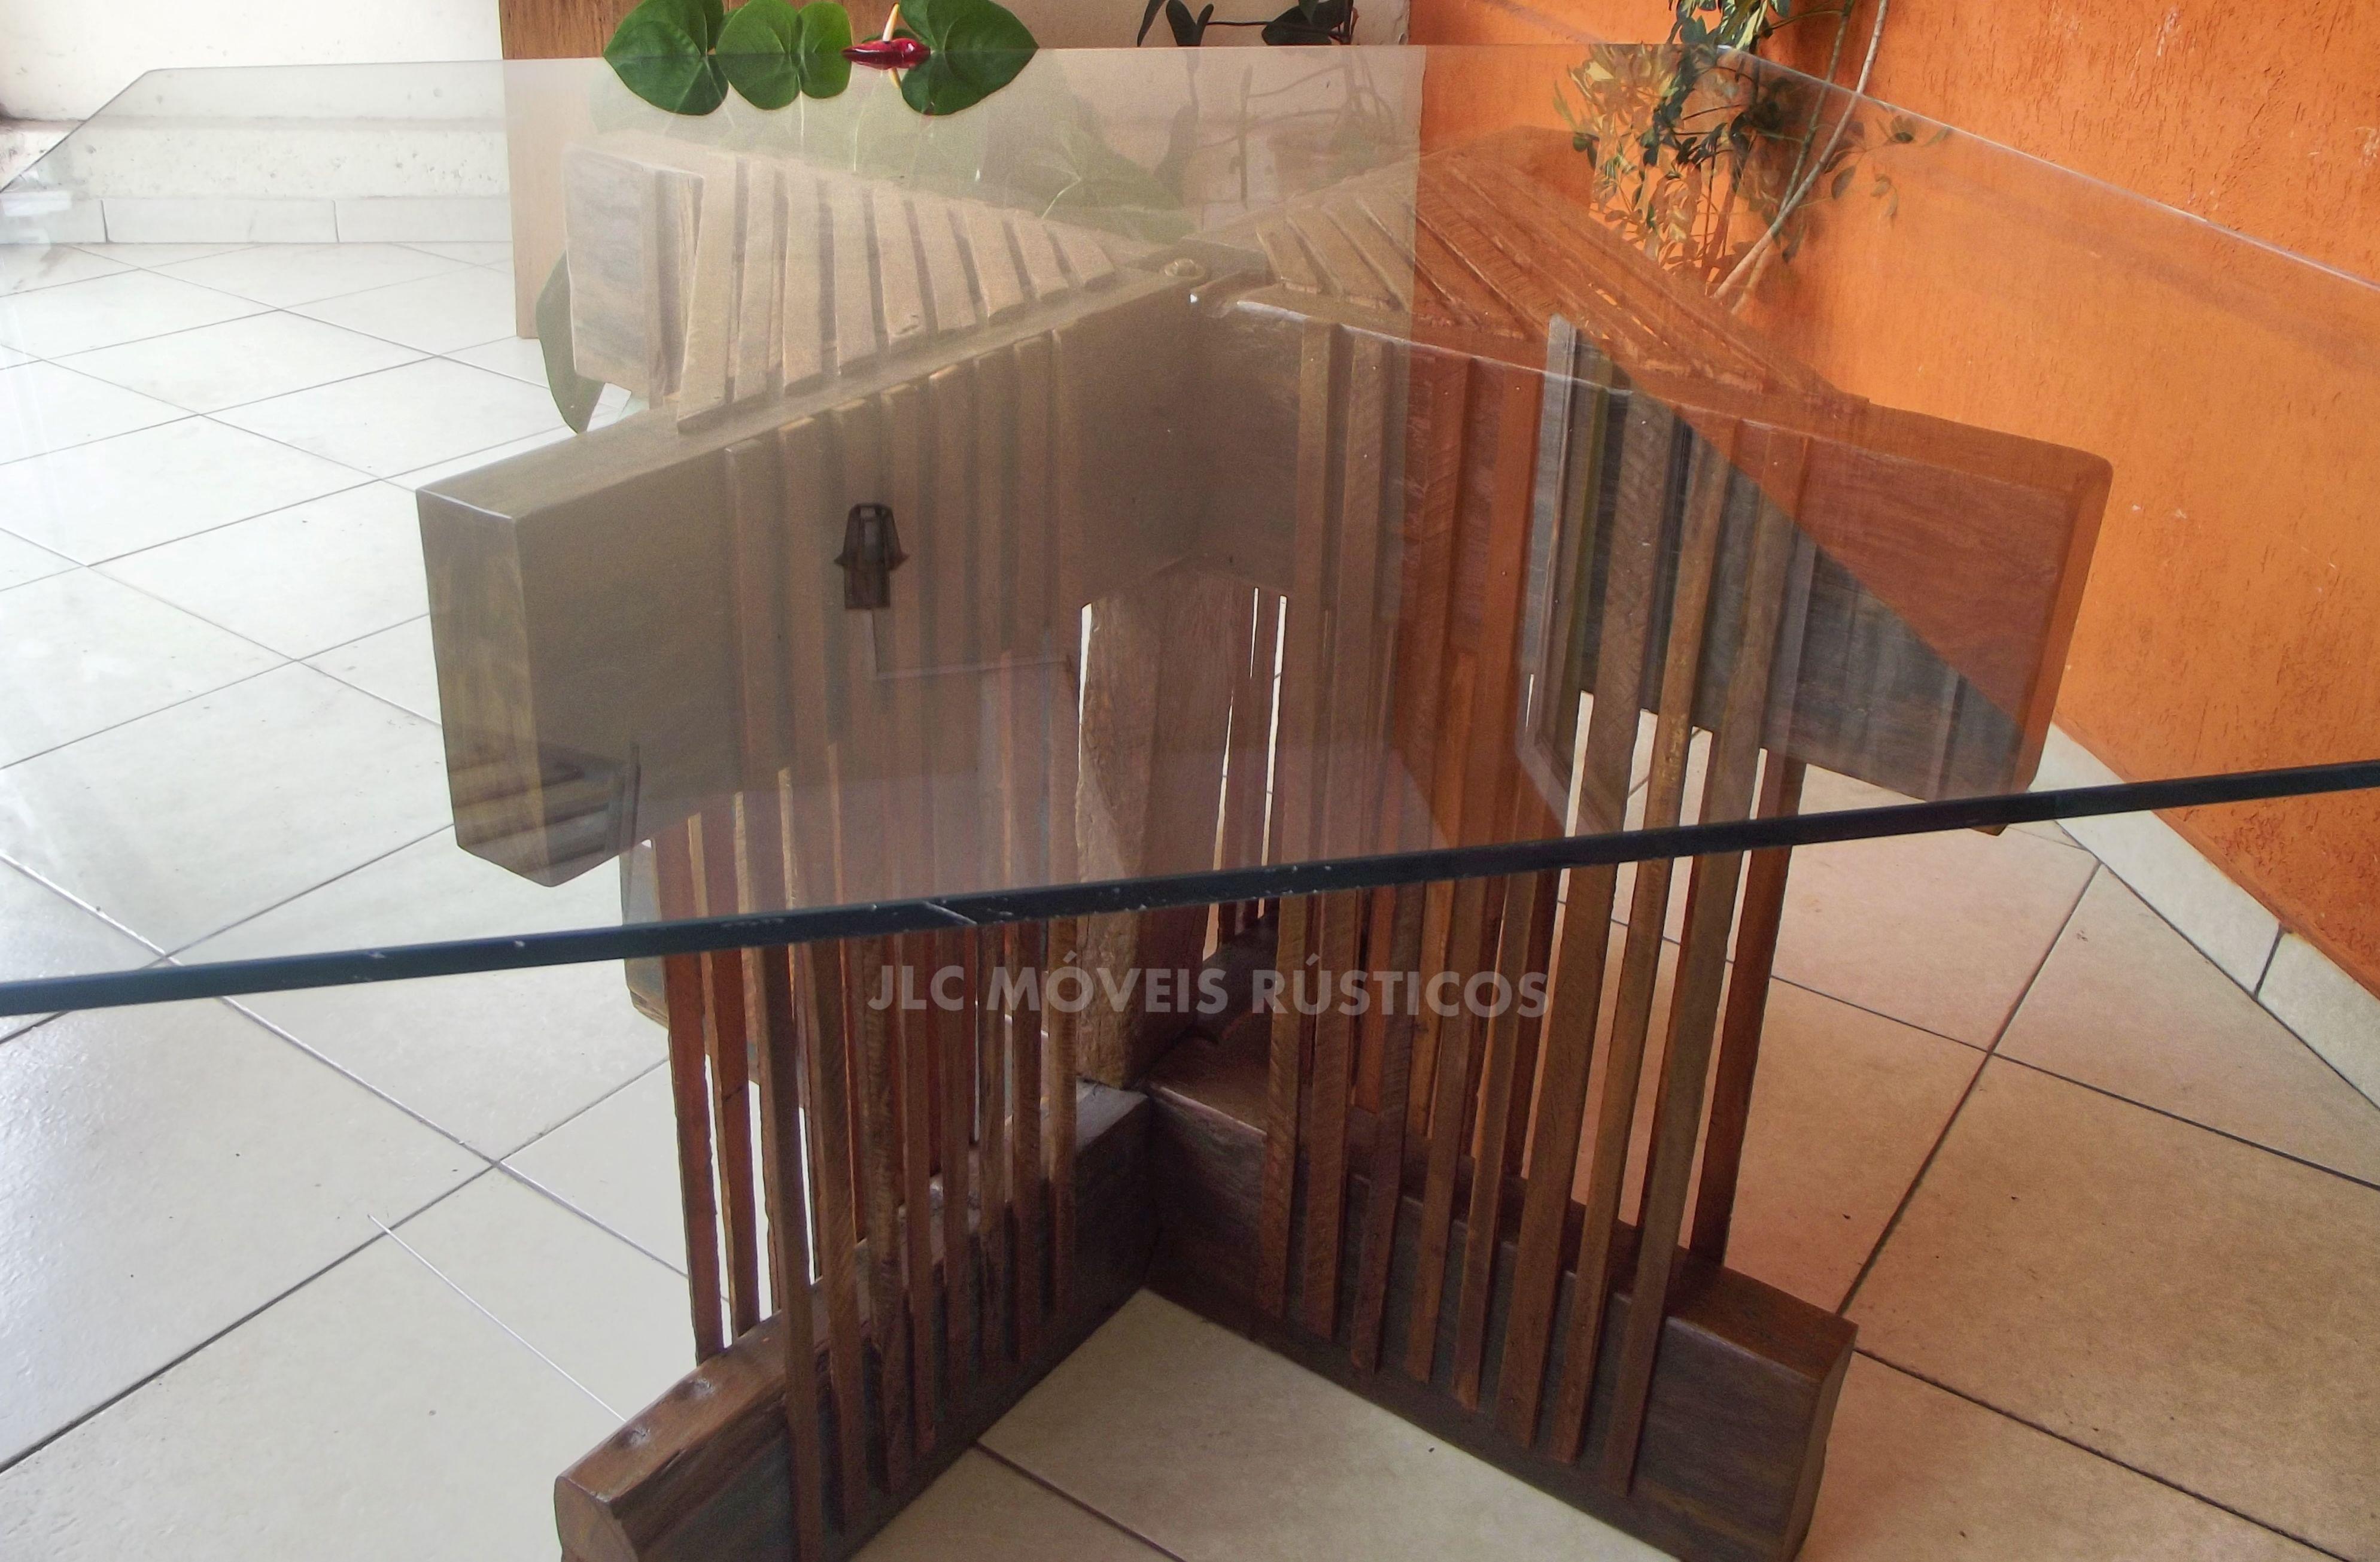 Apoio de madeira de demolição para mesa de vidro.  Temos a pronto entrega!  Medida: 2,00 x 2,00 x 0,80 altura.  R$ 2.000,00 Reais.  1 ano de garantia.  Frete grátis para São Paulo Capital.